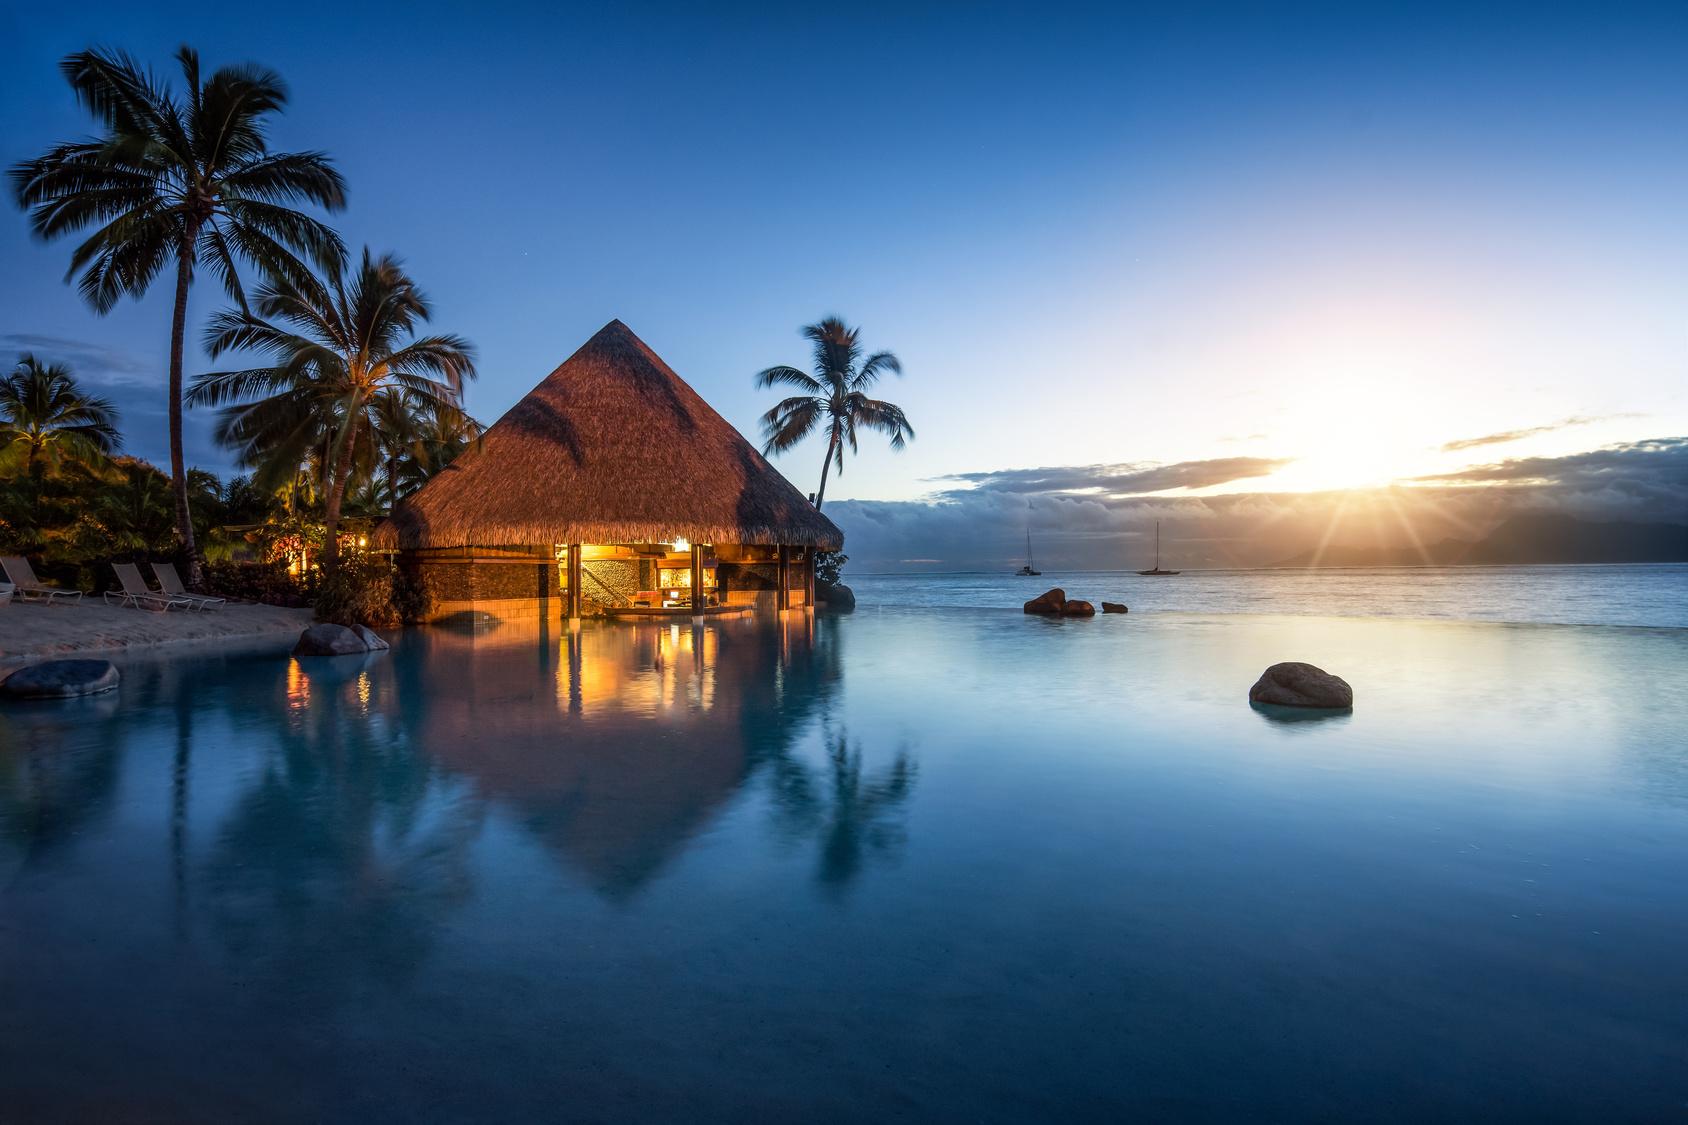 Romantischer Sonnenuntergang in der Sdsee